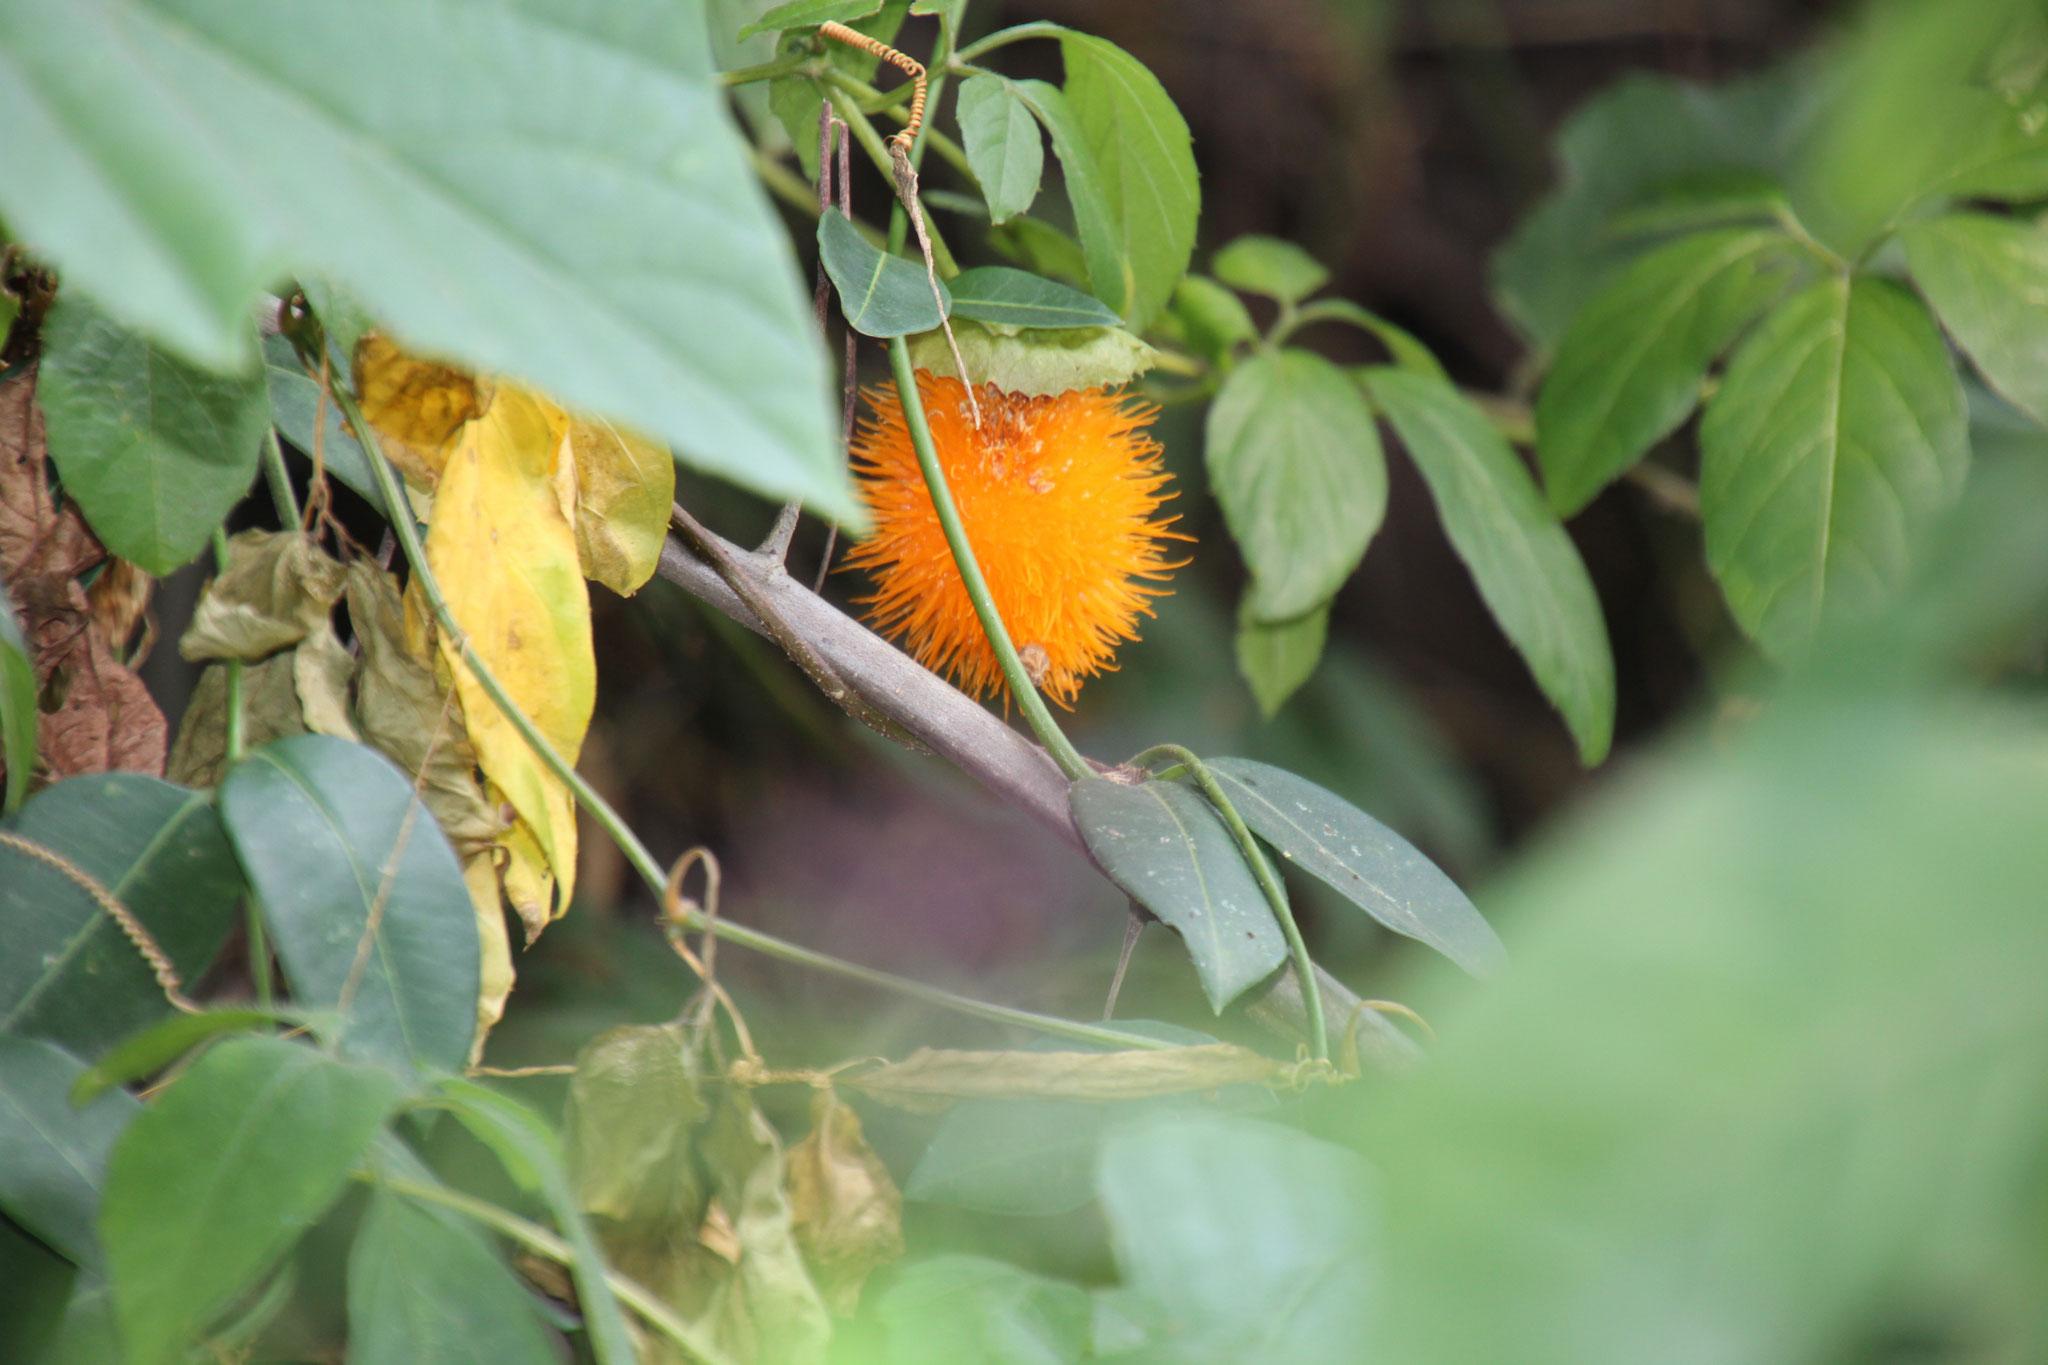 Mormodica foetida auch Bittermelone genannt. Diese Frucht ist essbar.